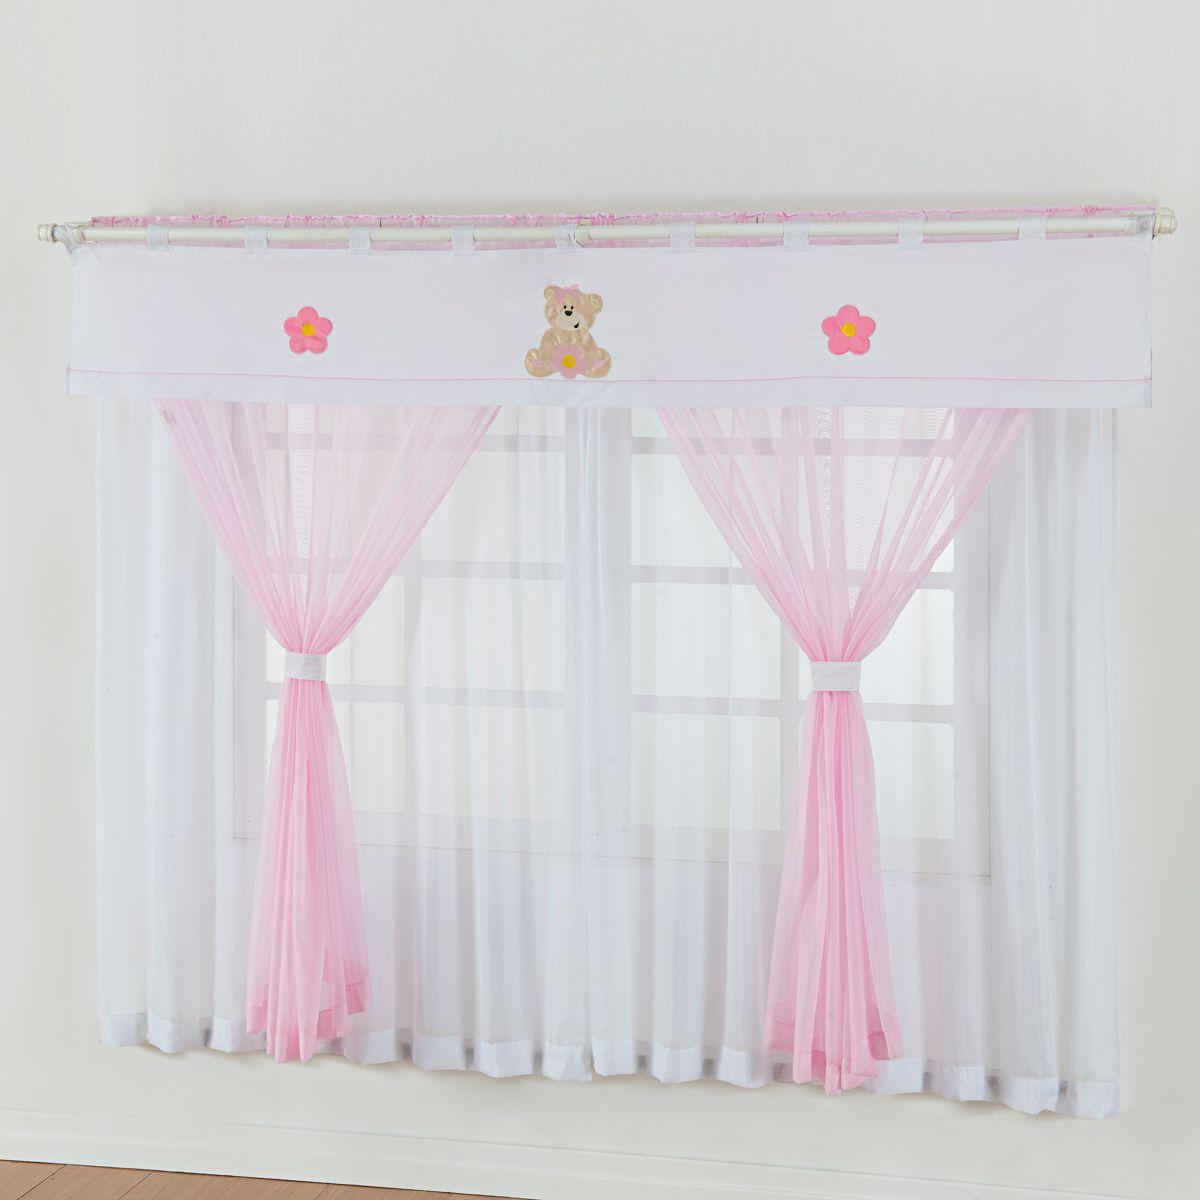 Cortina de Quarto Infantil Ursinho Rosa em Voil - Bandô 140 Fios